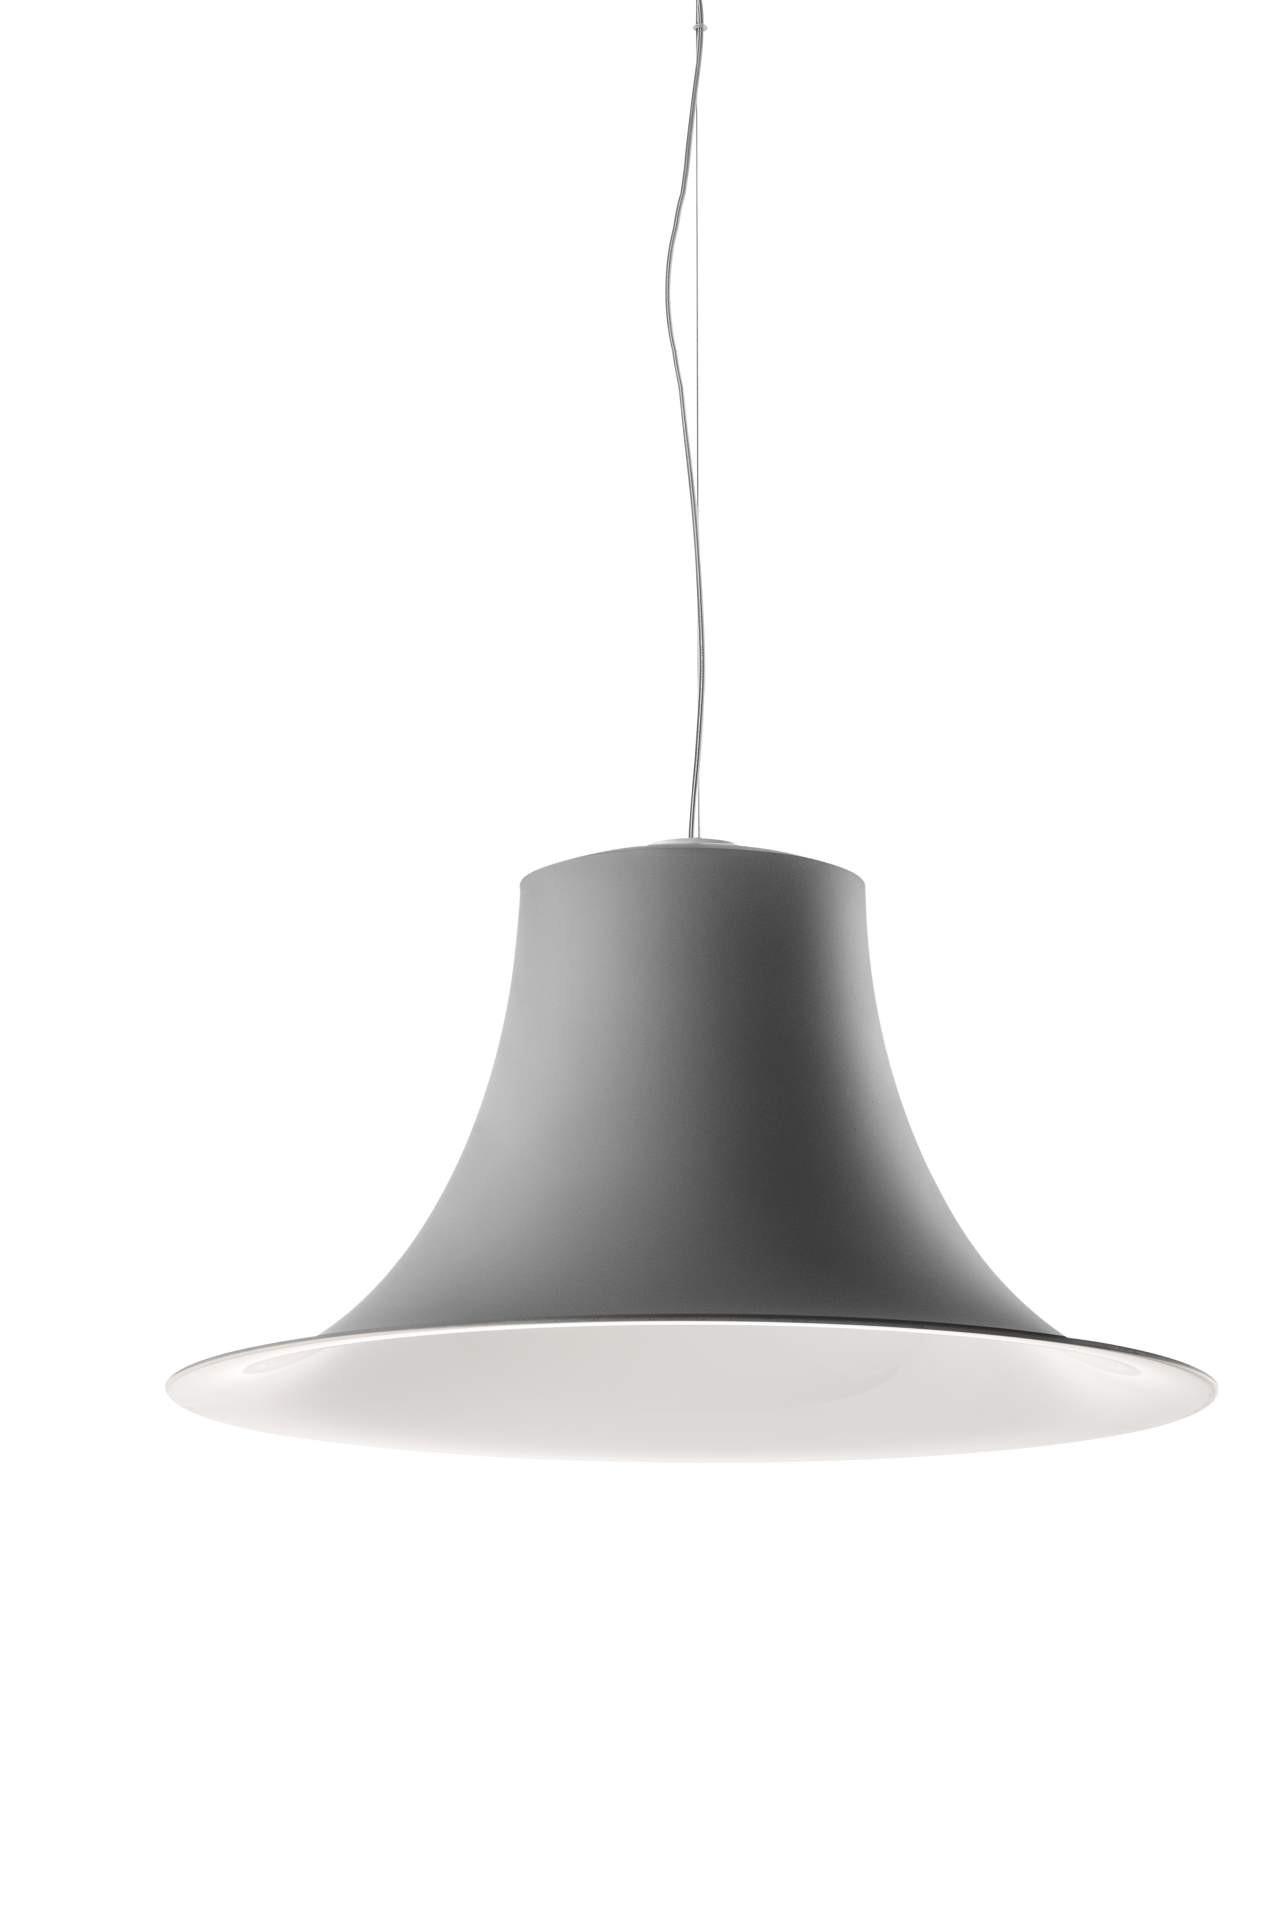 Hängeleuchte grau,  Pendelleuchte grau-weiß, Durchmesser 52 cm